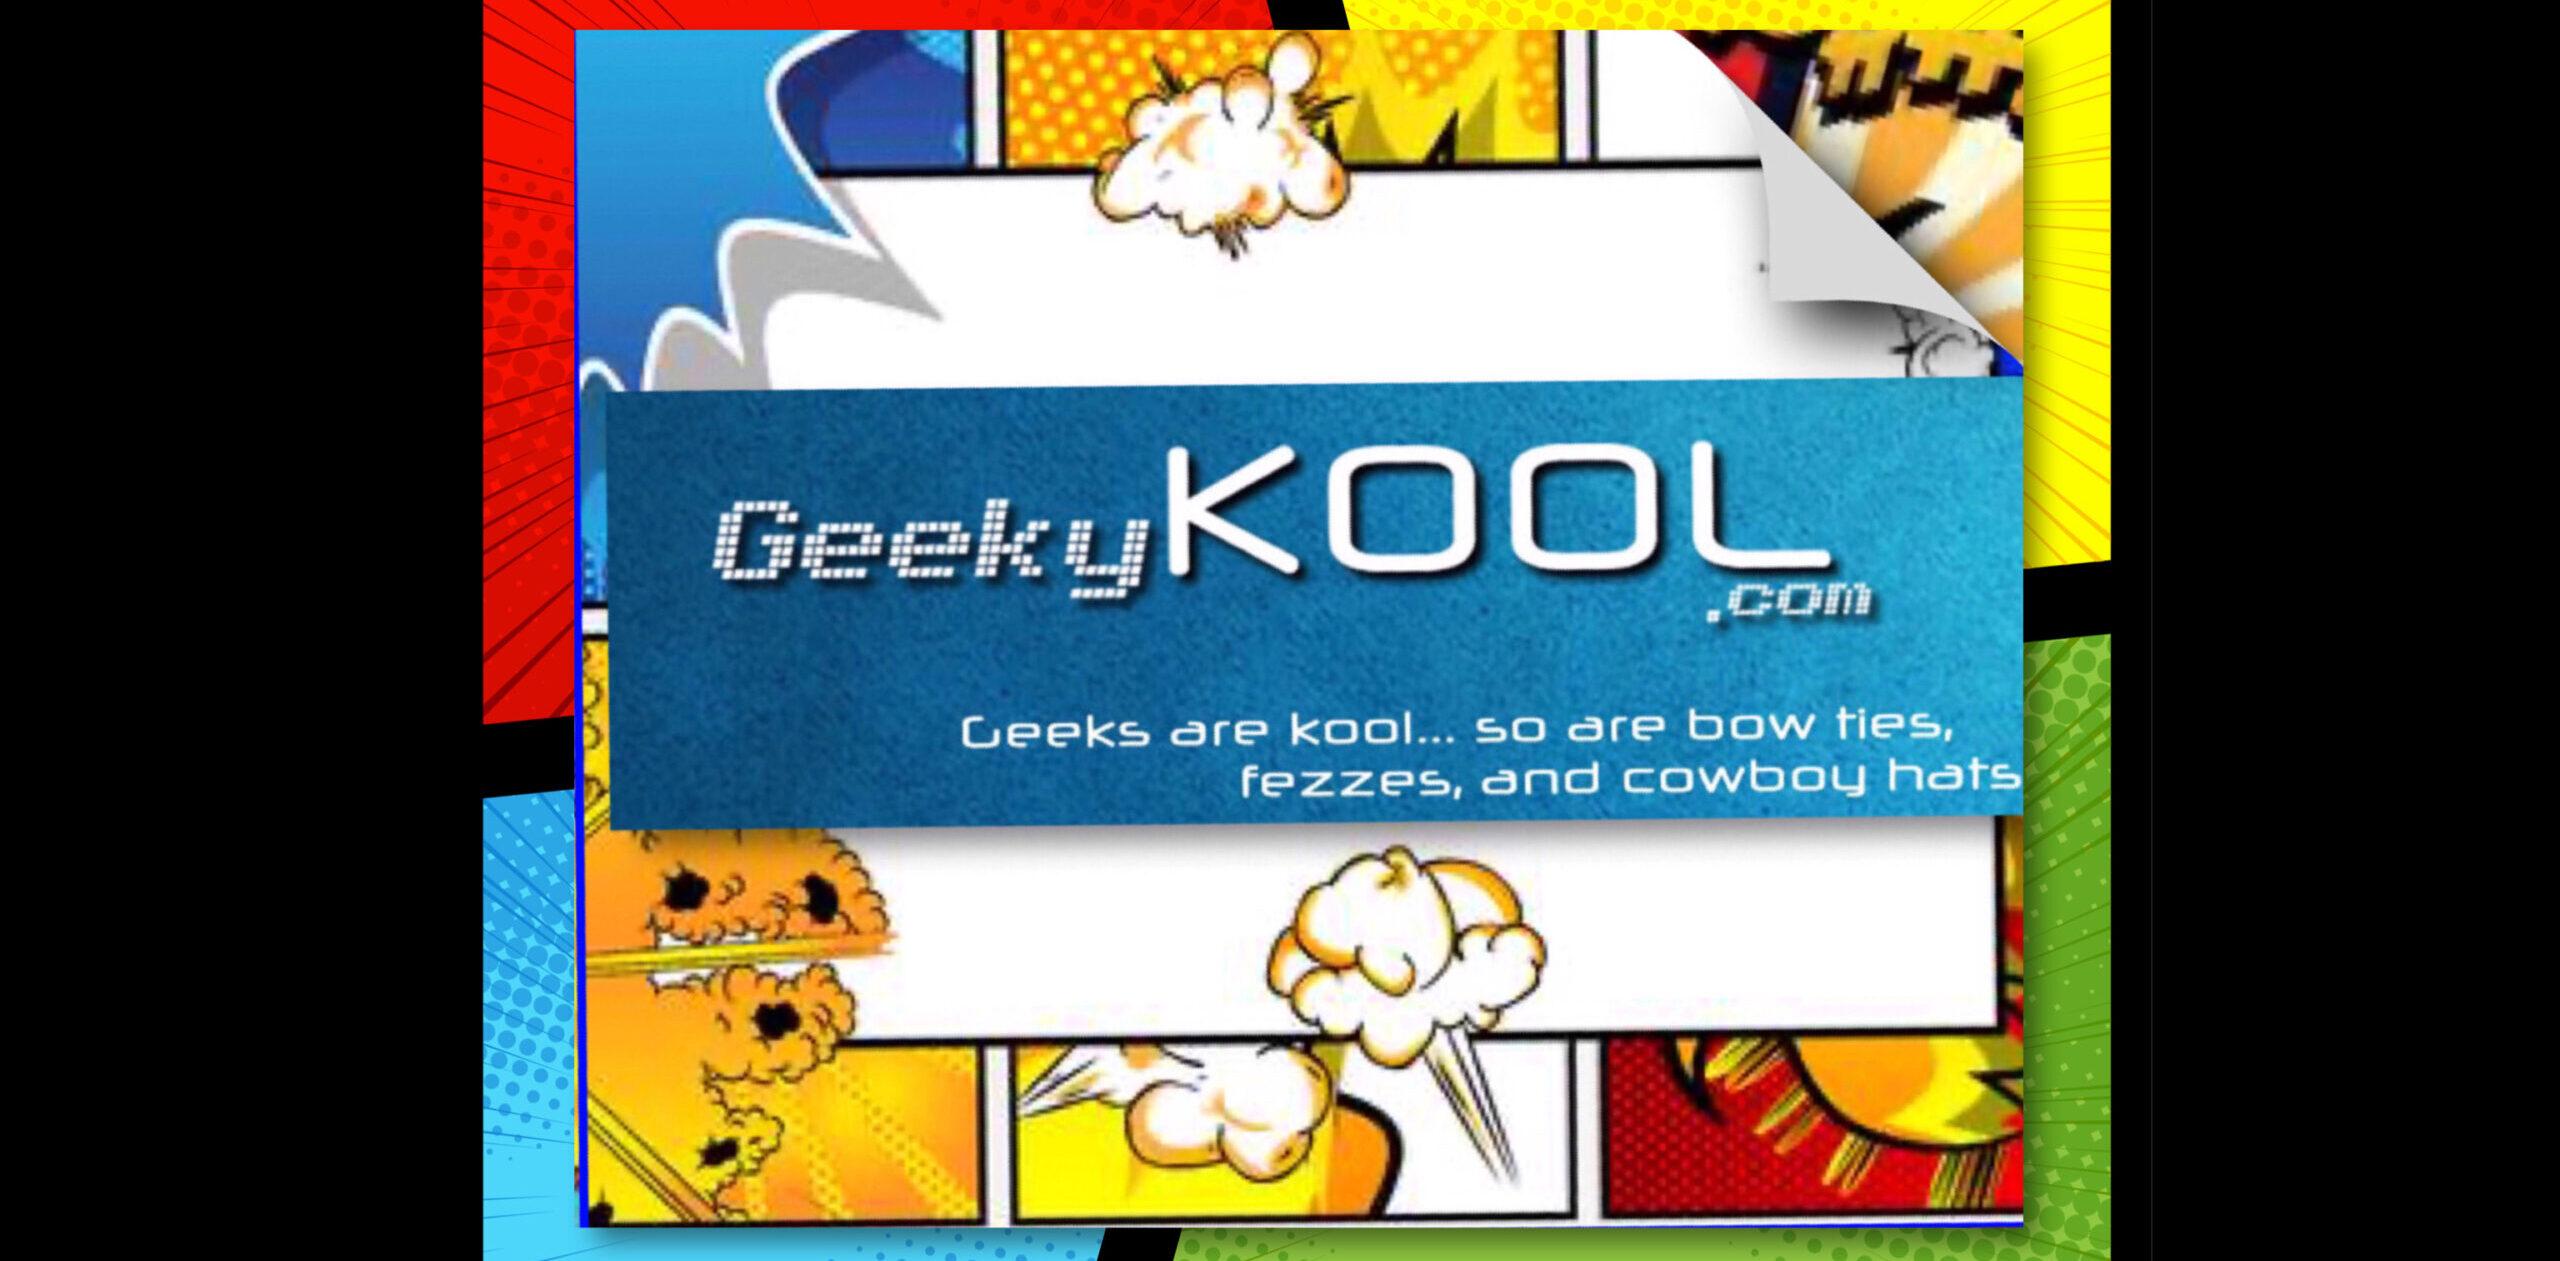 Geeky KOOL